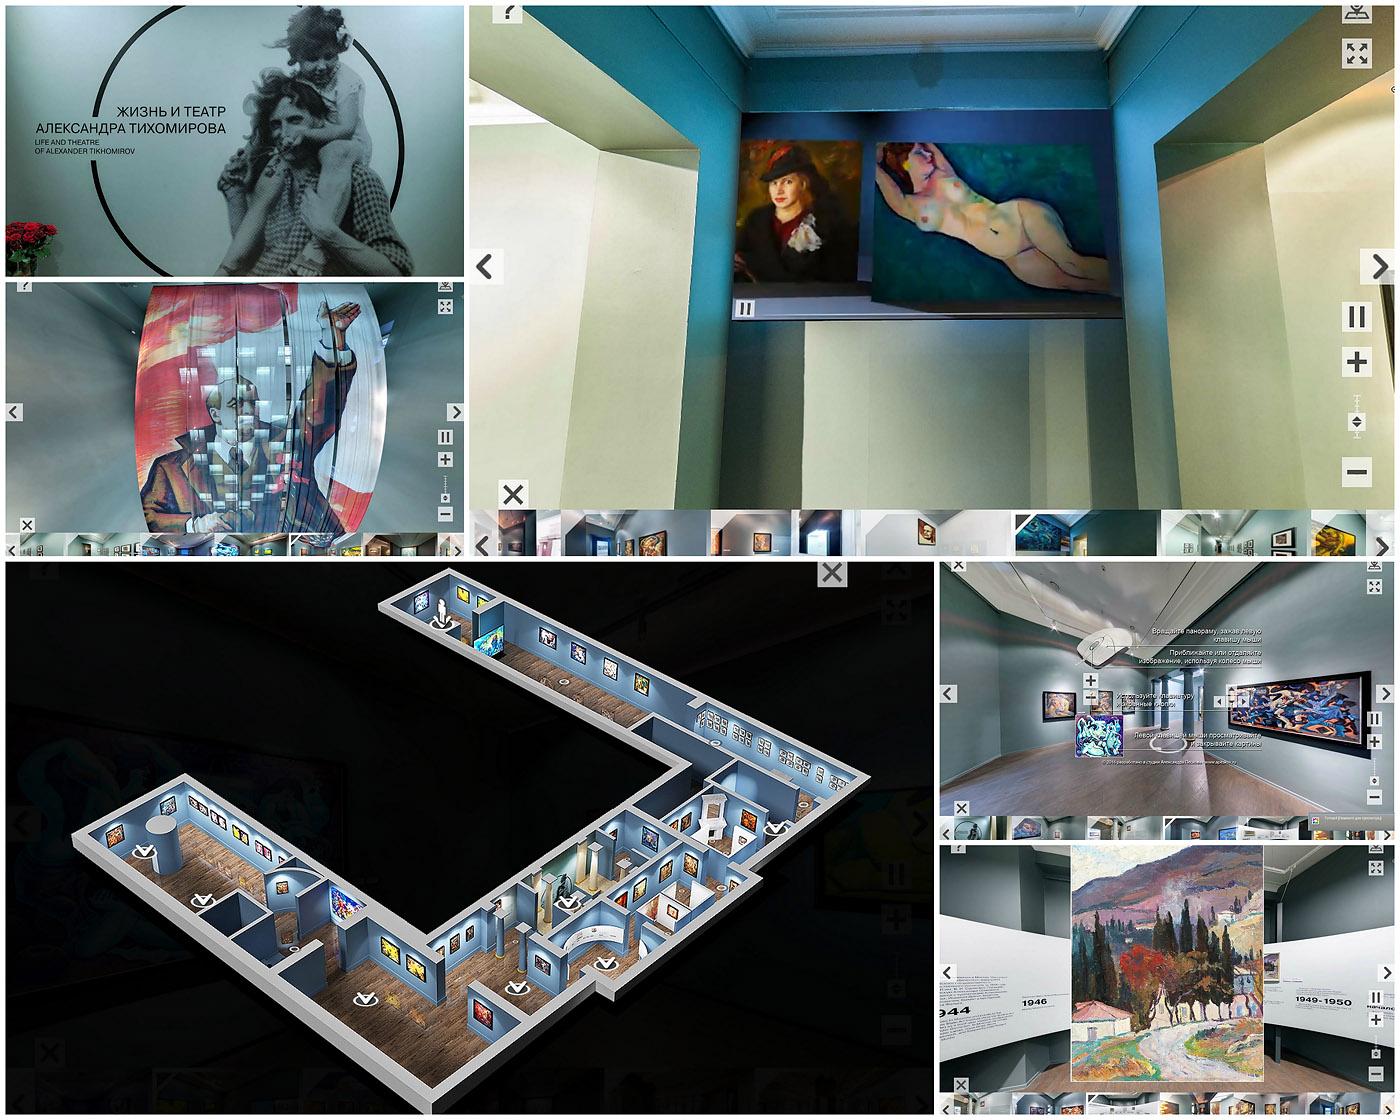 Виртуальный тур по Московскому музею современного искусства